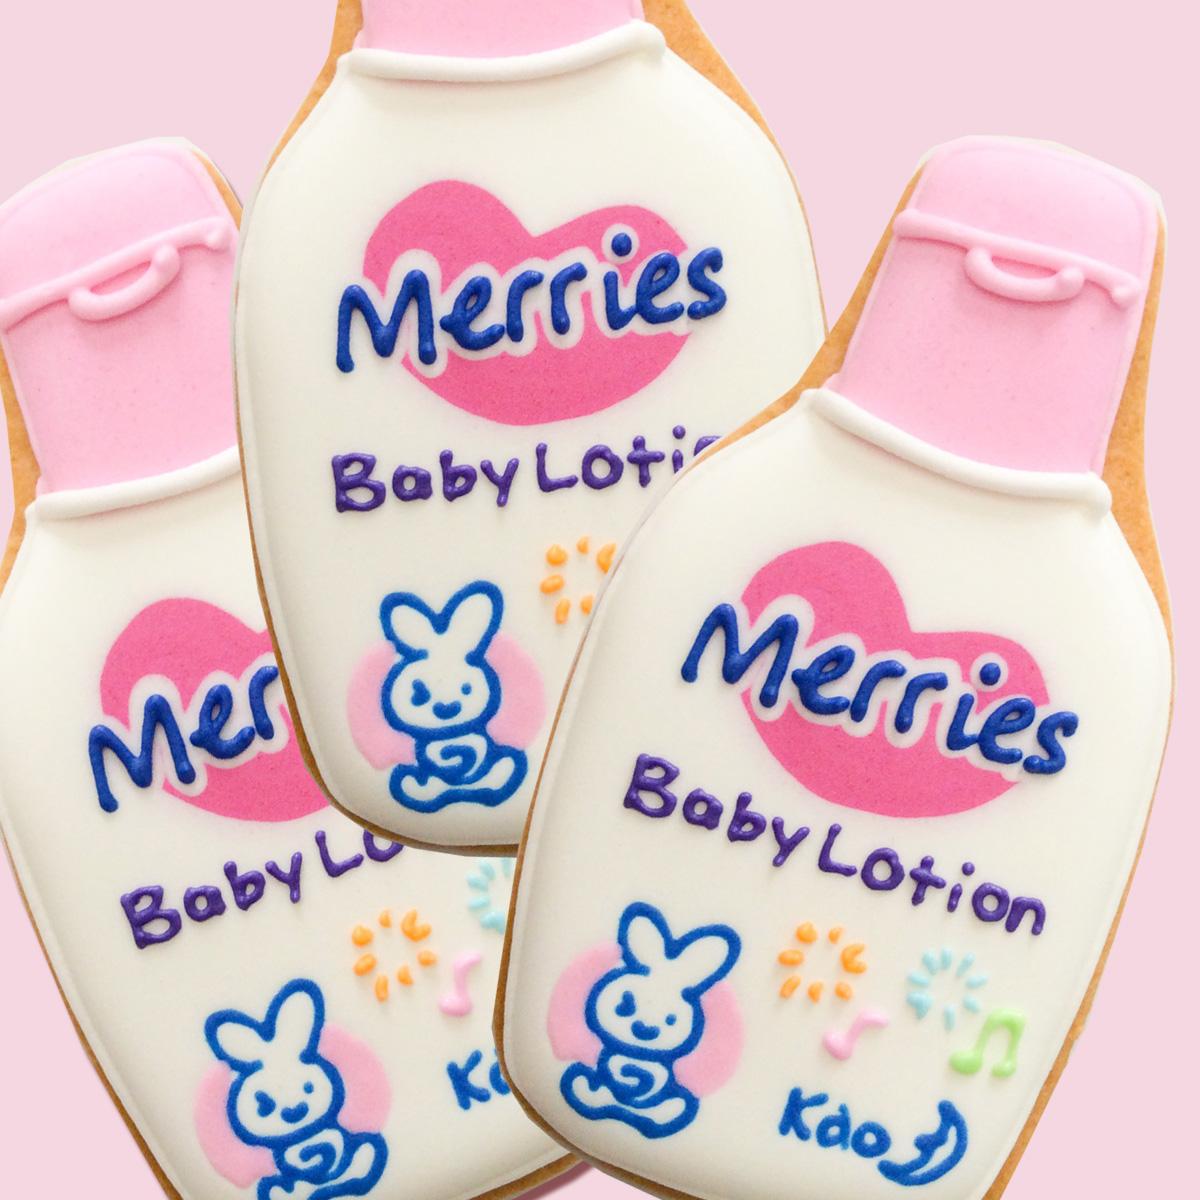 花王「Merries」Baby Lotion発売記念クッキー